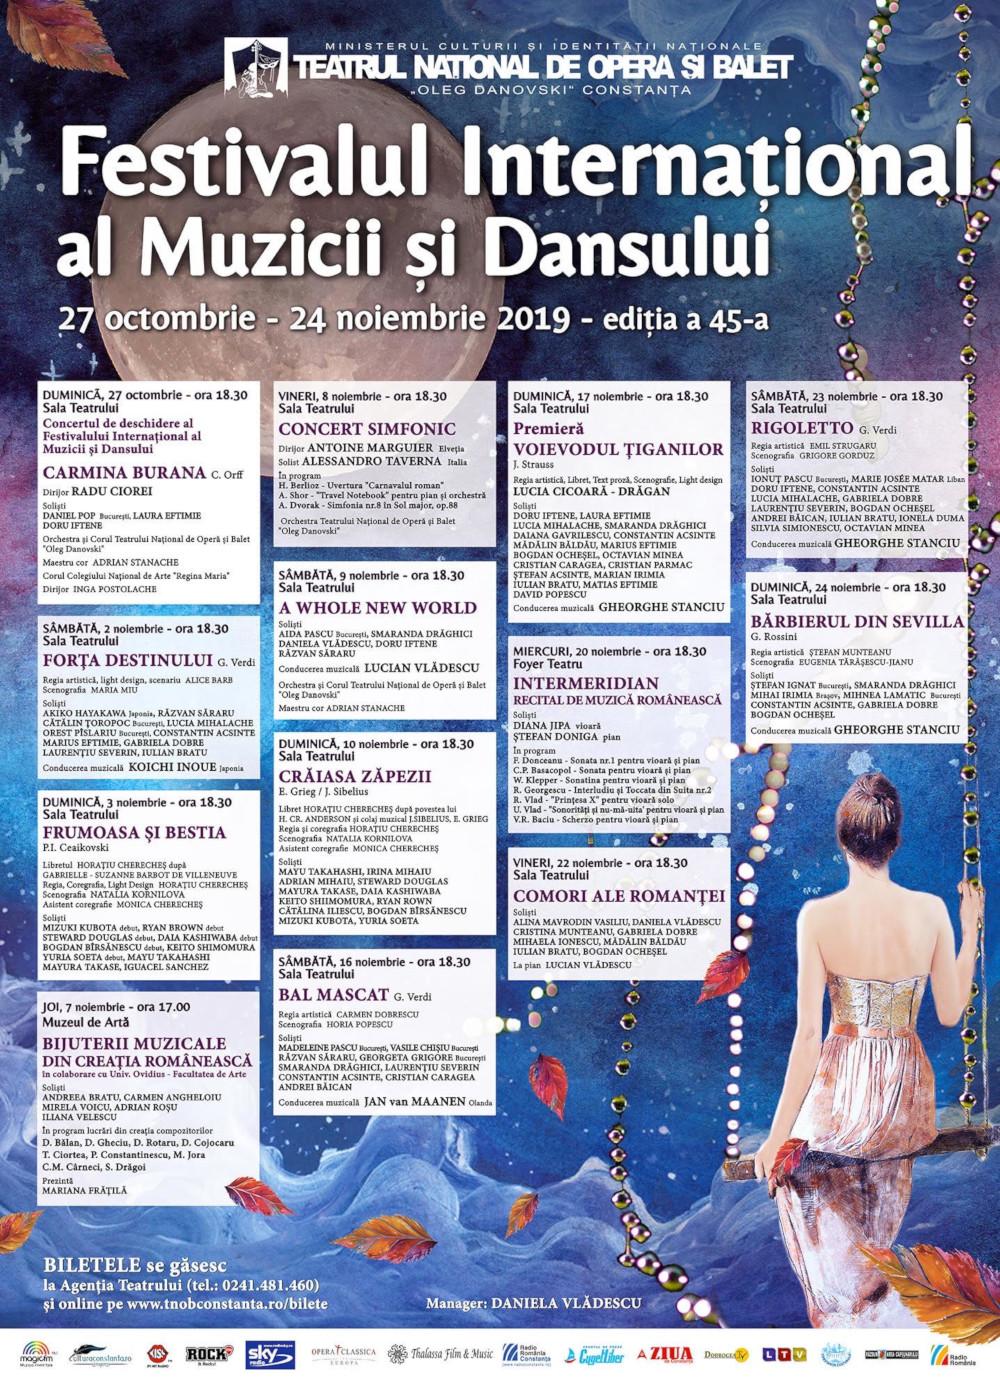 afis Festivalul International al Muzicii si Dansului